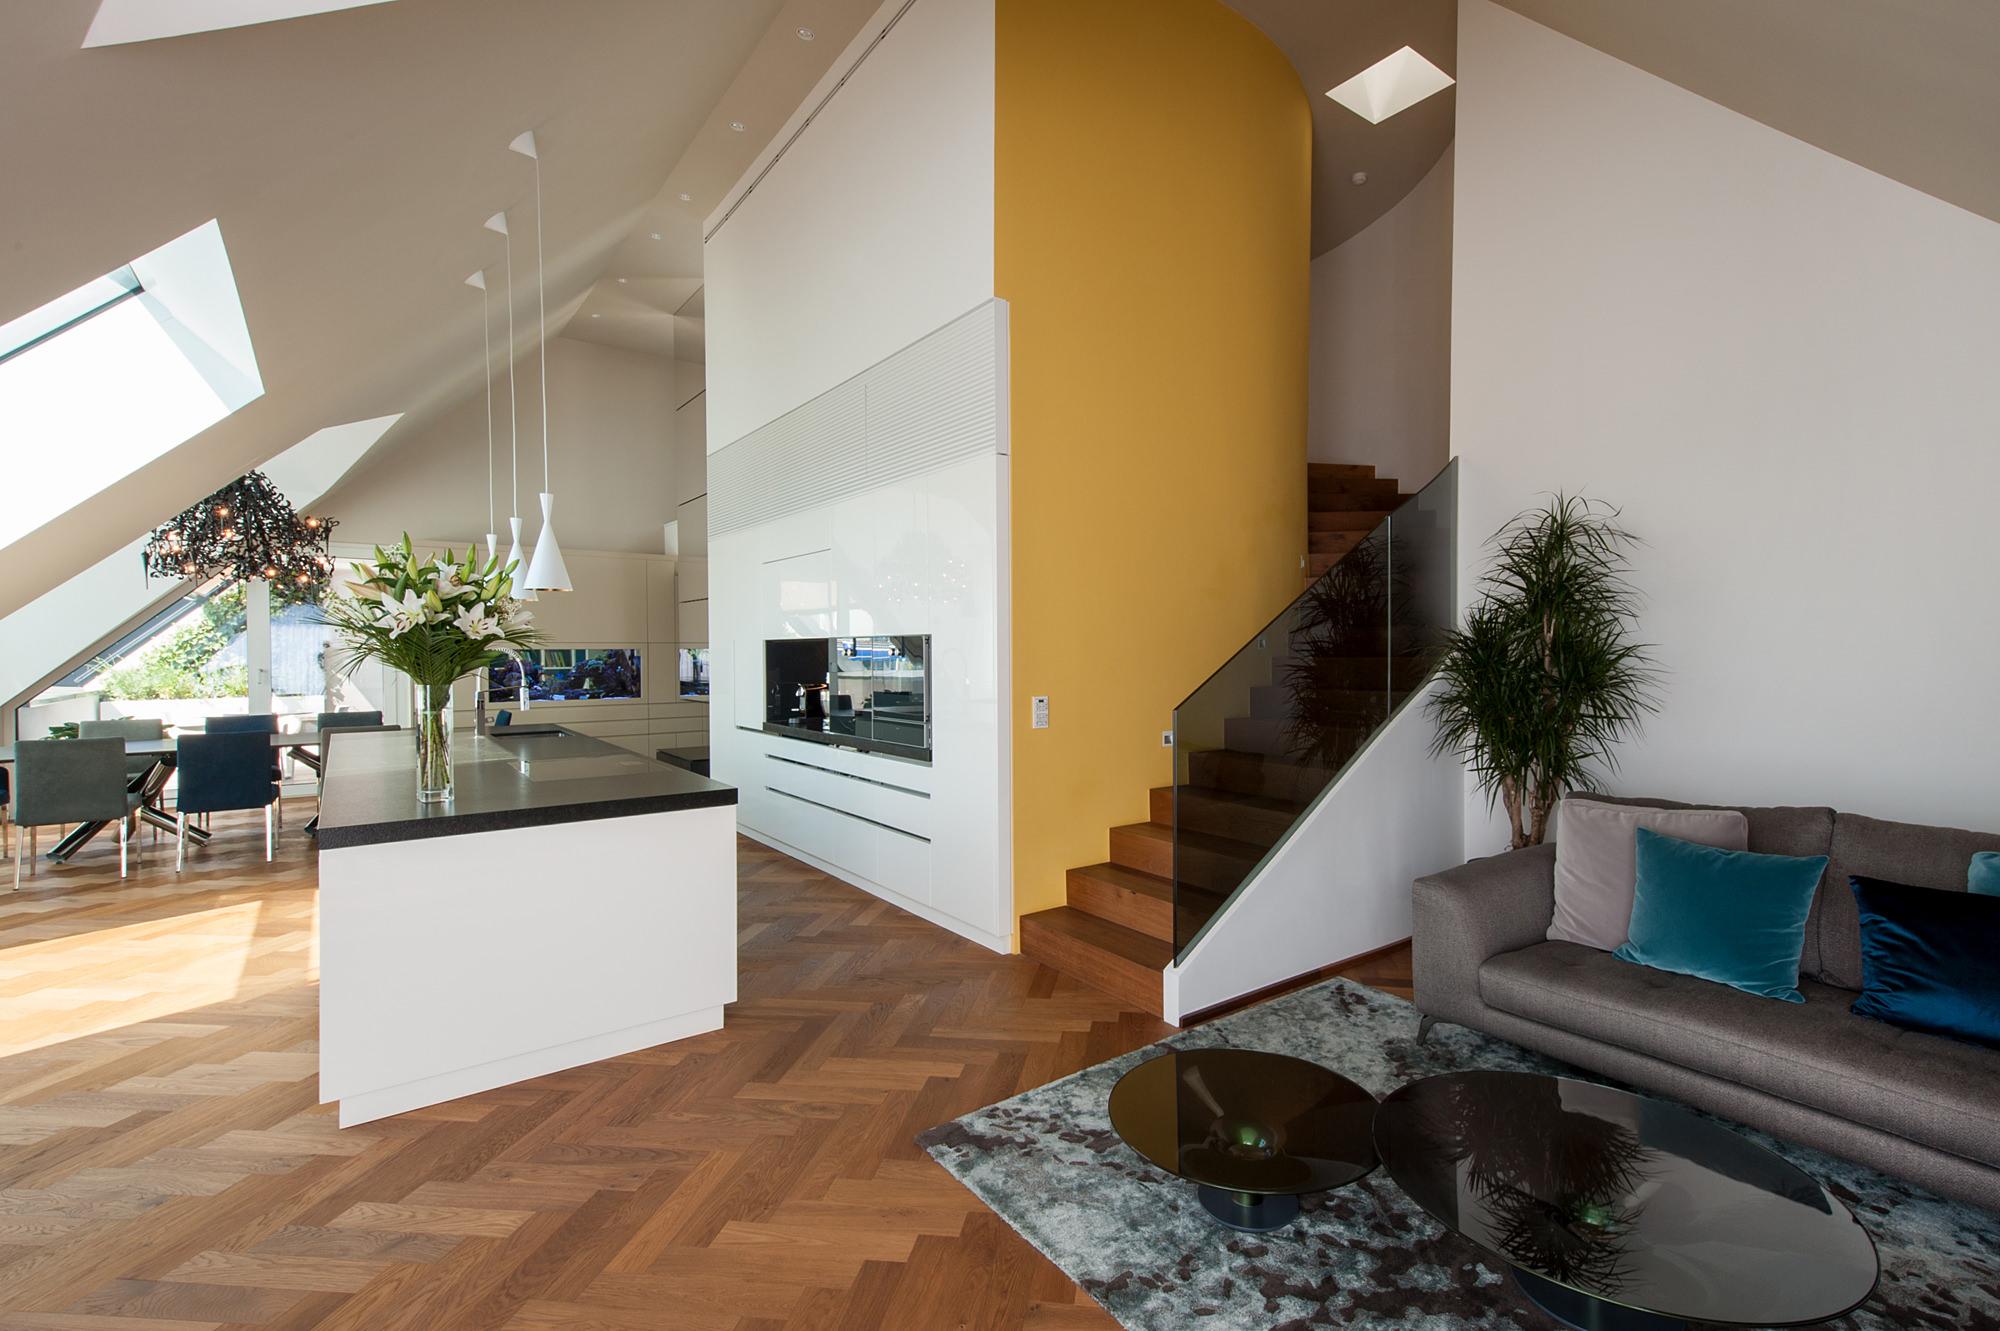 penthouse_b_07_dachausbau_mit_terrasse_1070_wien_junger_beer_architektur